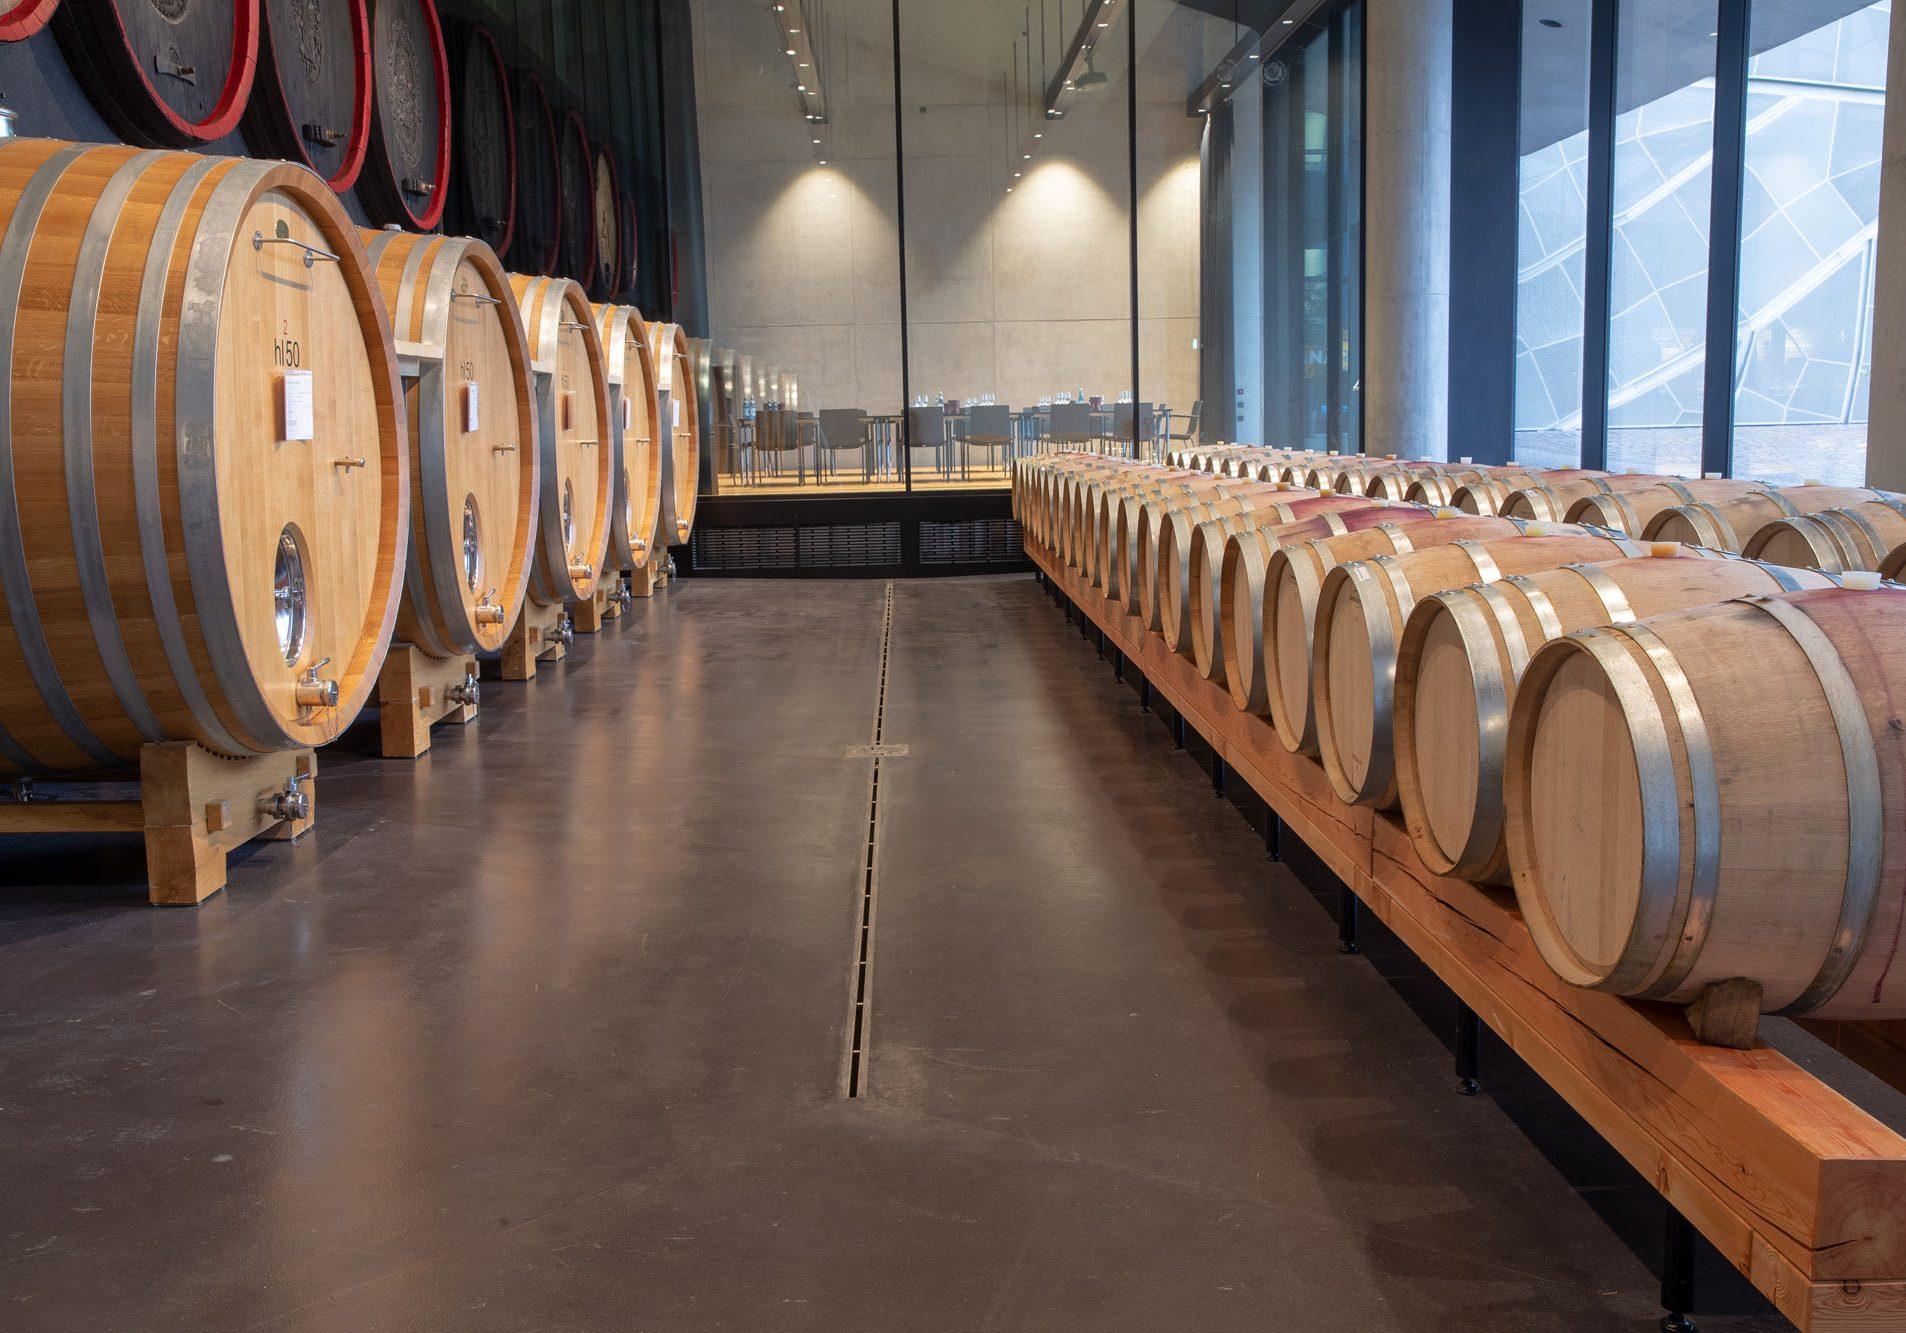 cantina conservazione vini bolzano